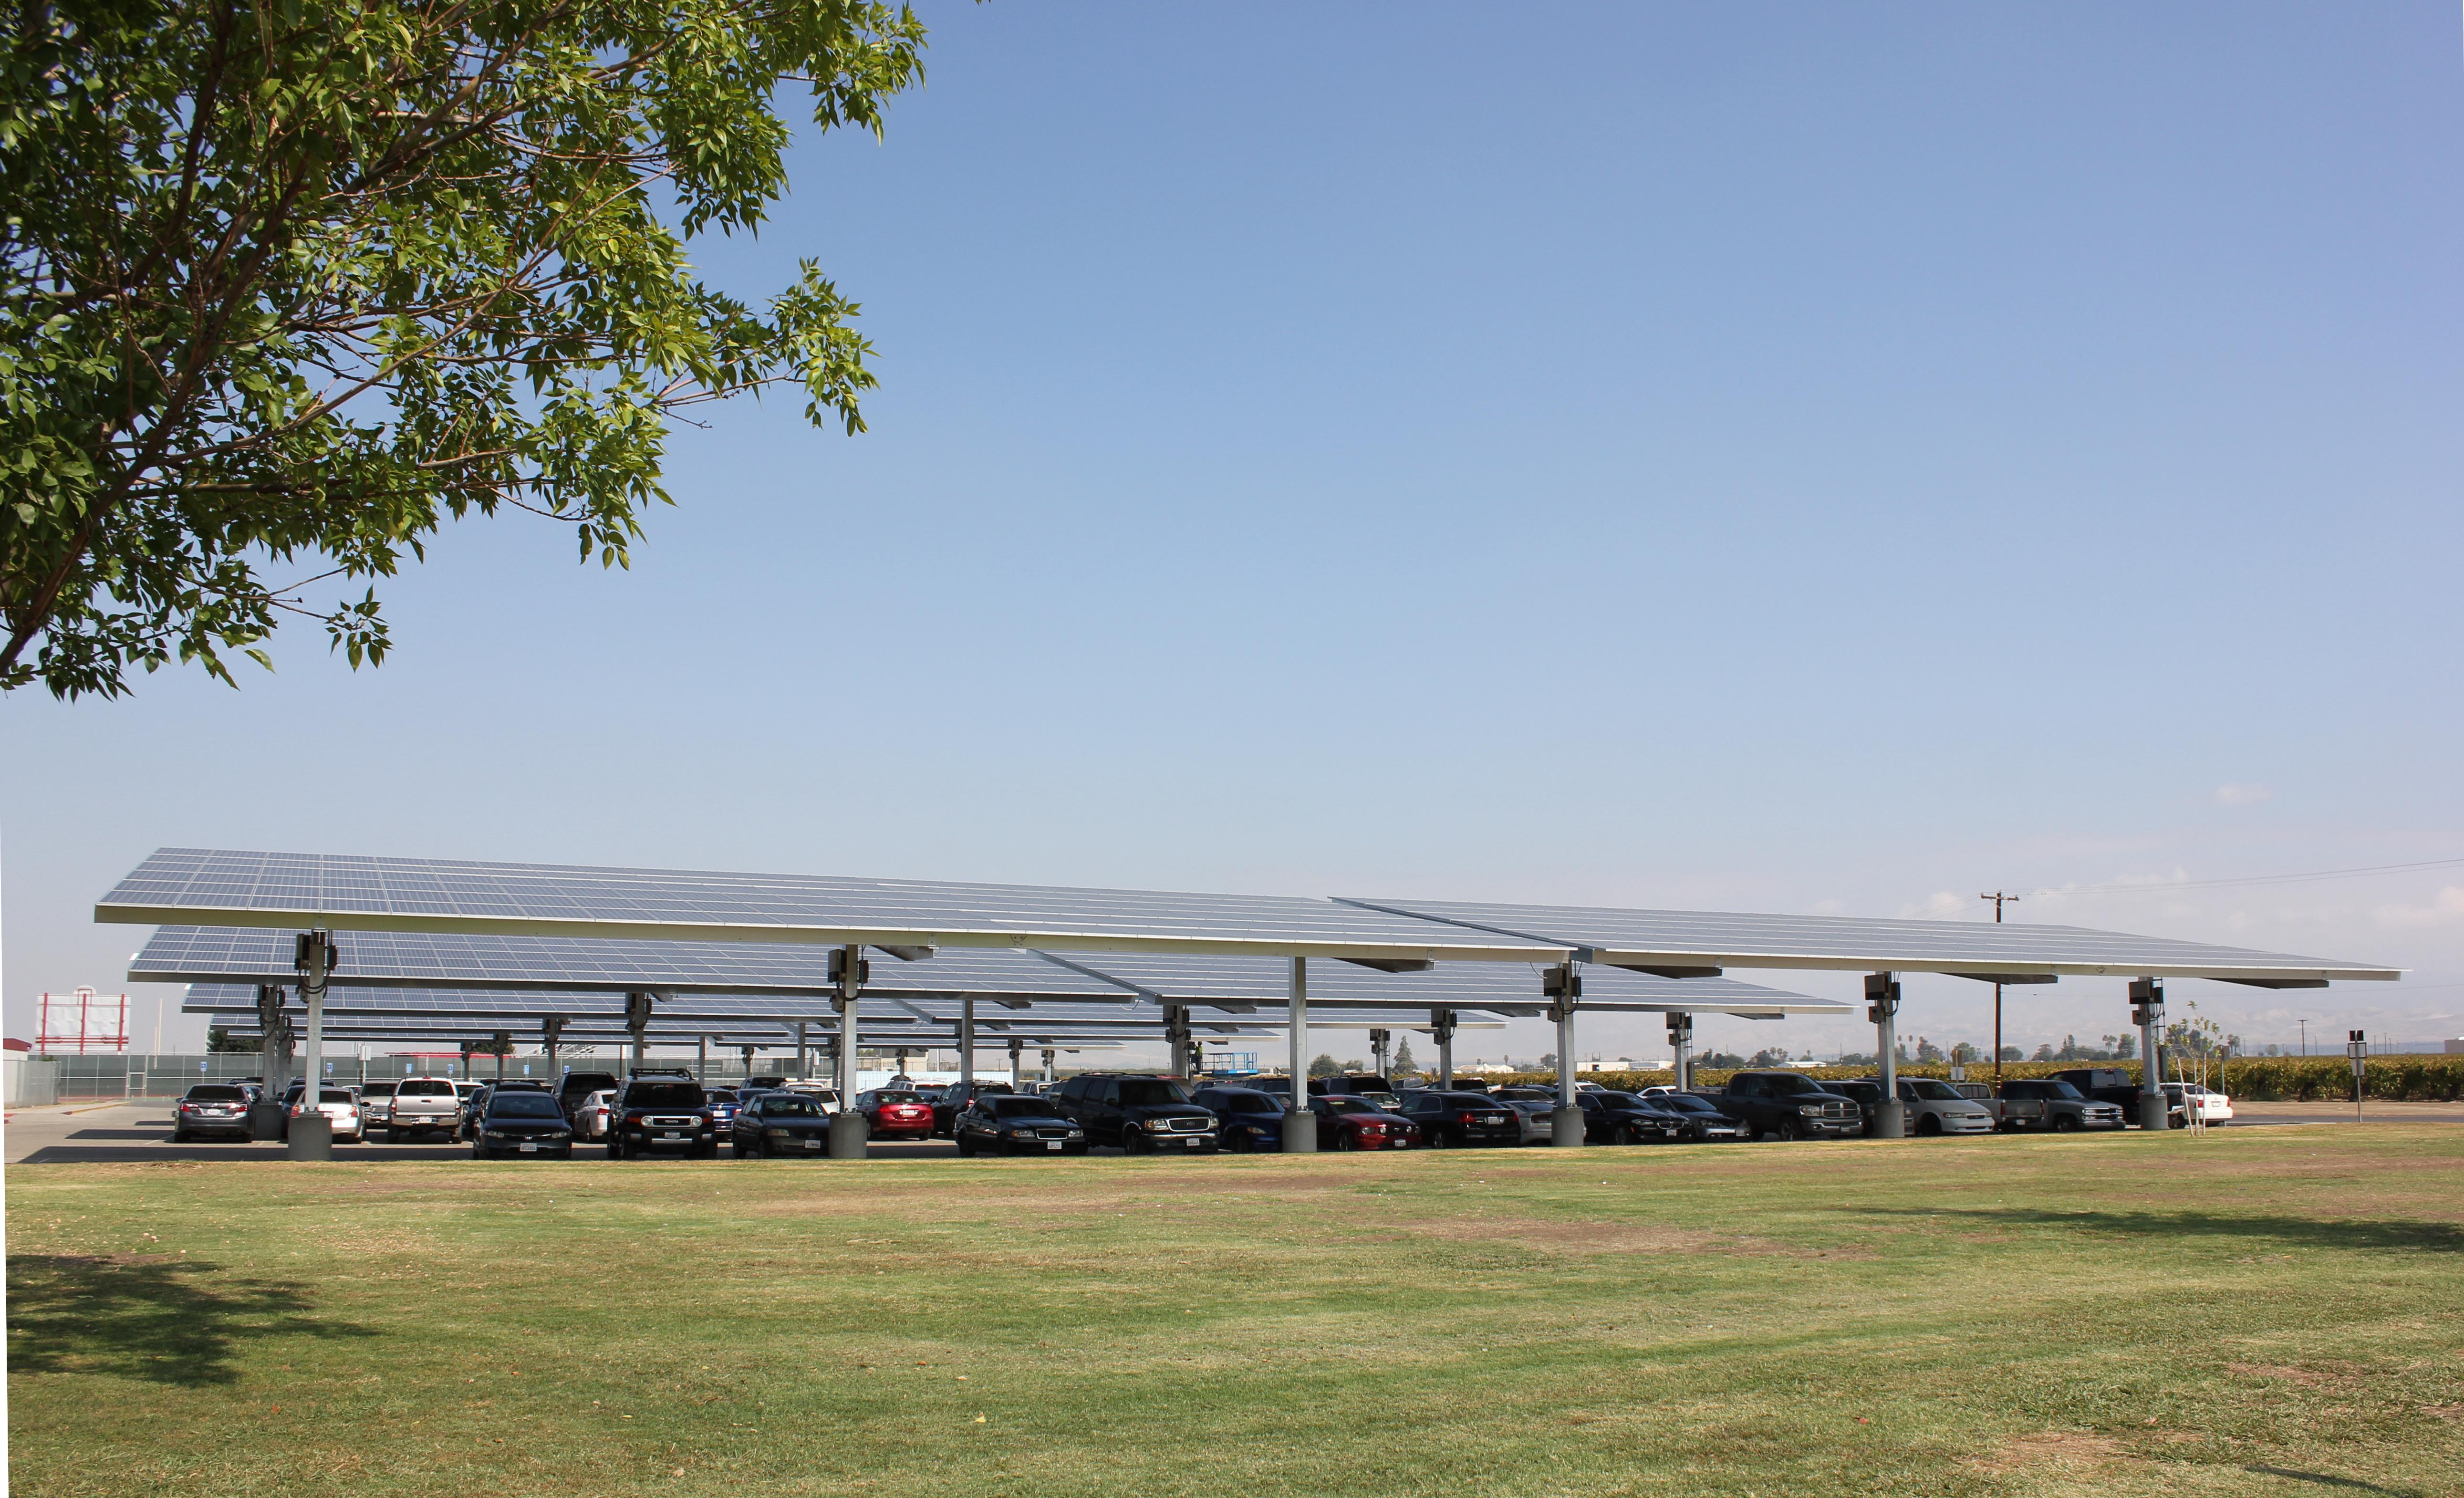 Solar carport with SunPower solar modules on a sunny day.